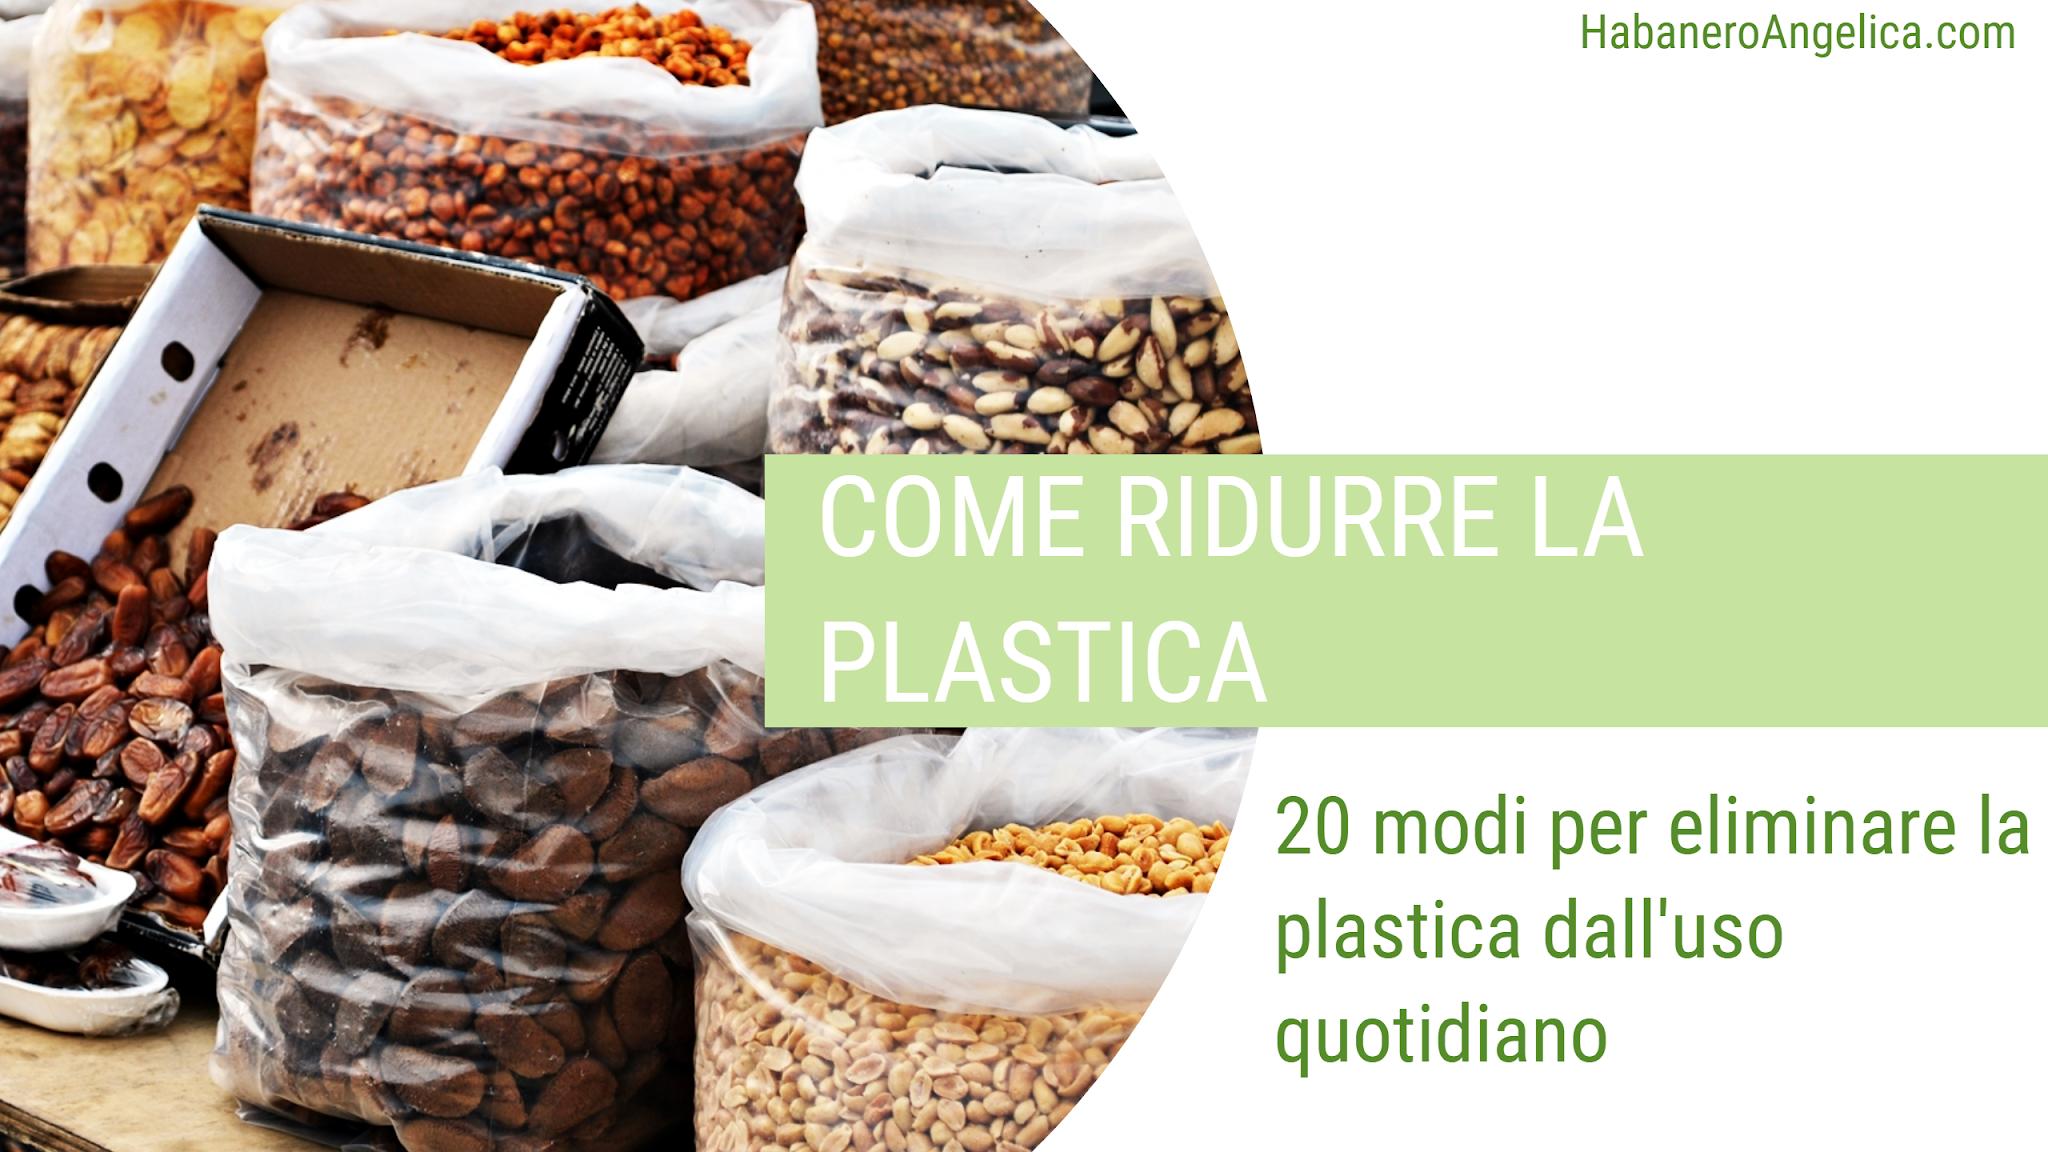 Consigli per ridurre il consumo di plastica